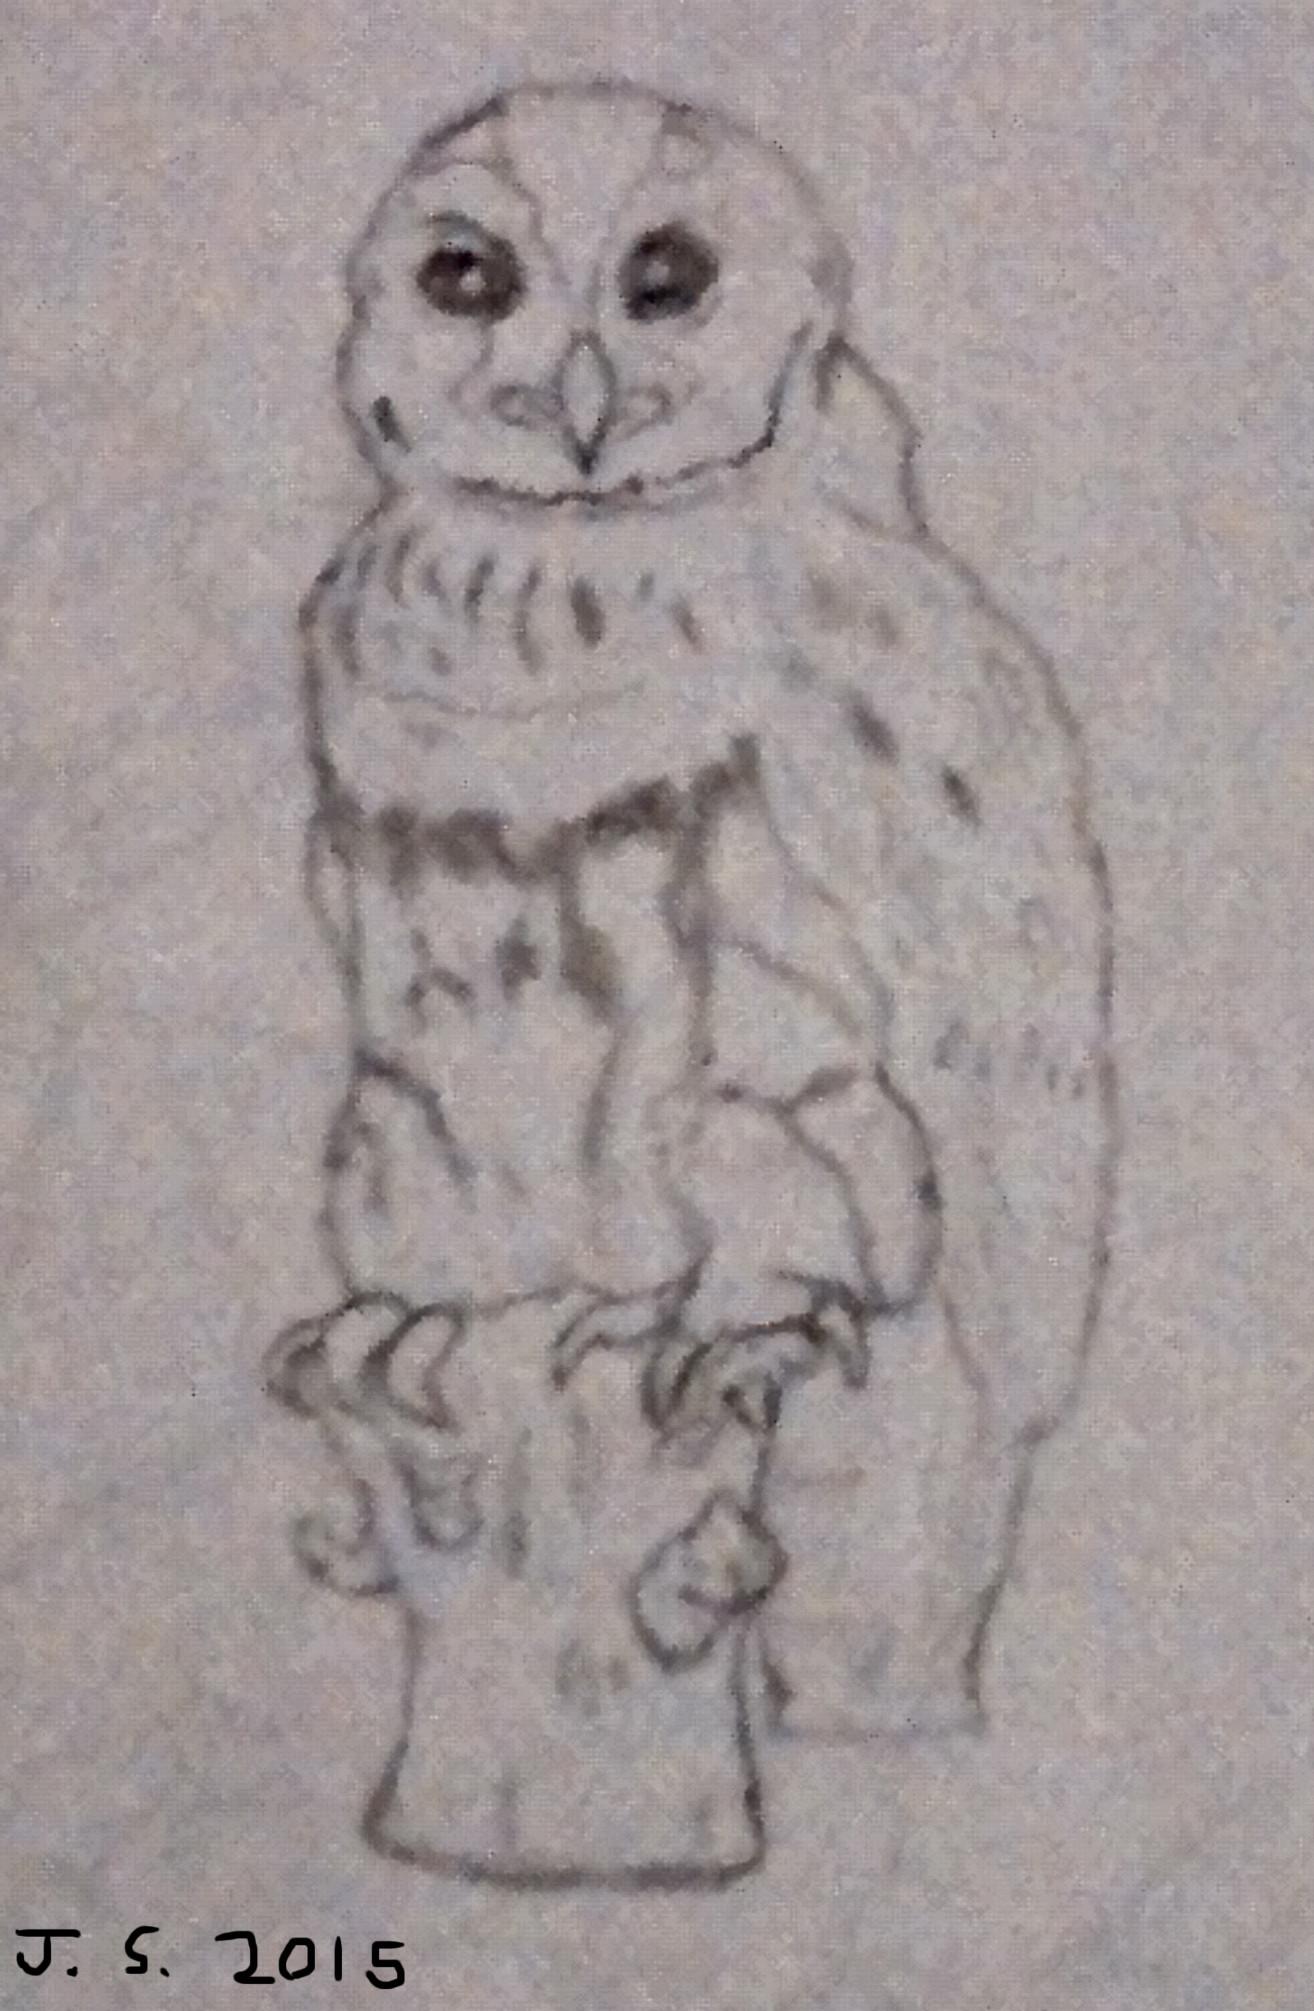 James skinner owl1